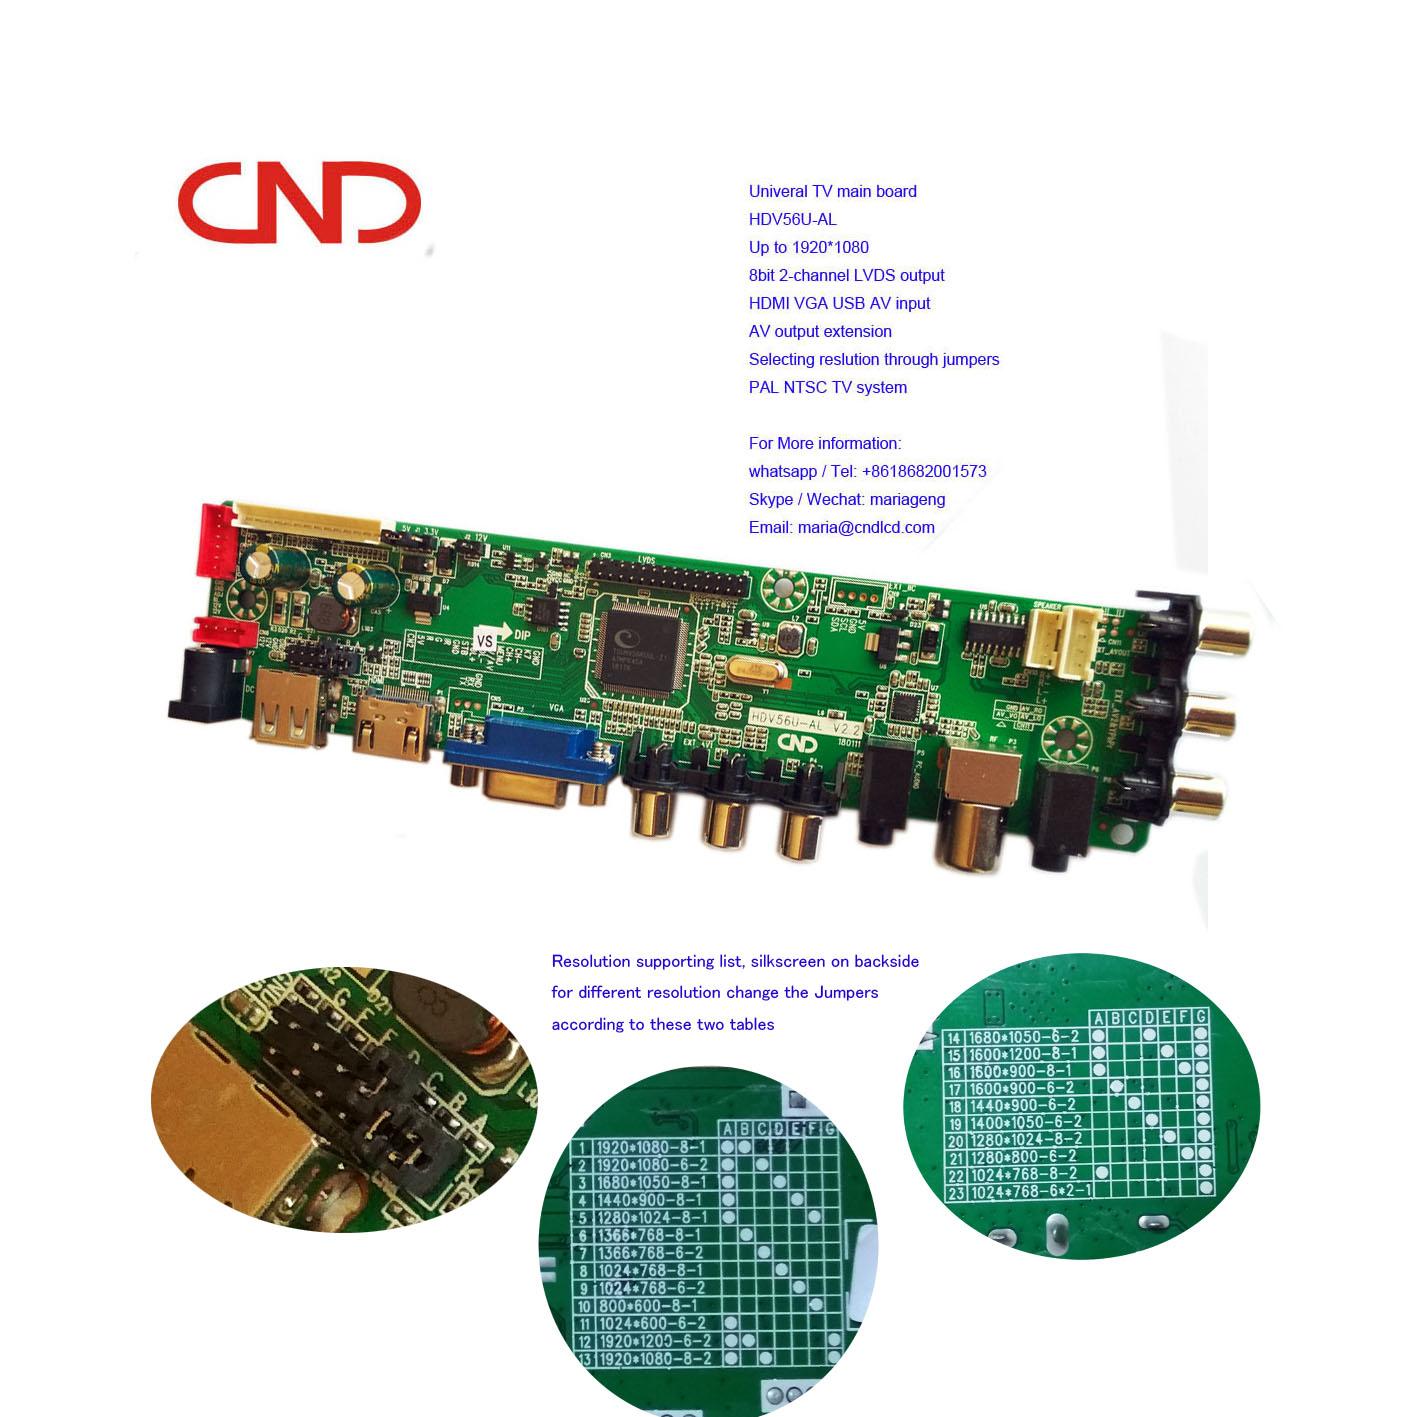 Hdv56u Universal V56 2av Rca Mstar Tv Main Board - Buy Hdv56u-al,Mstar Tv  Main Board,2av Tv Main Board Product on Alibaba com